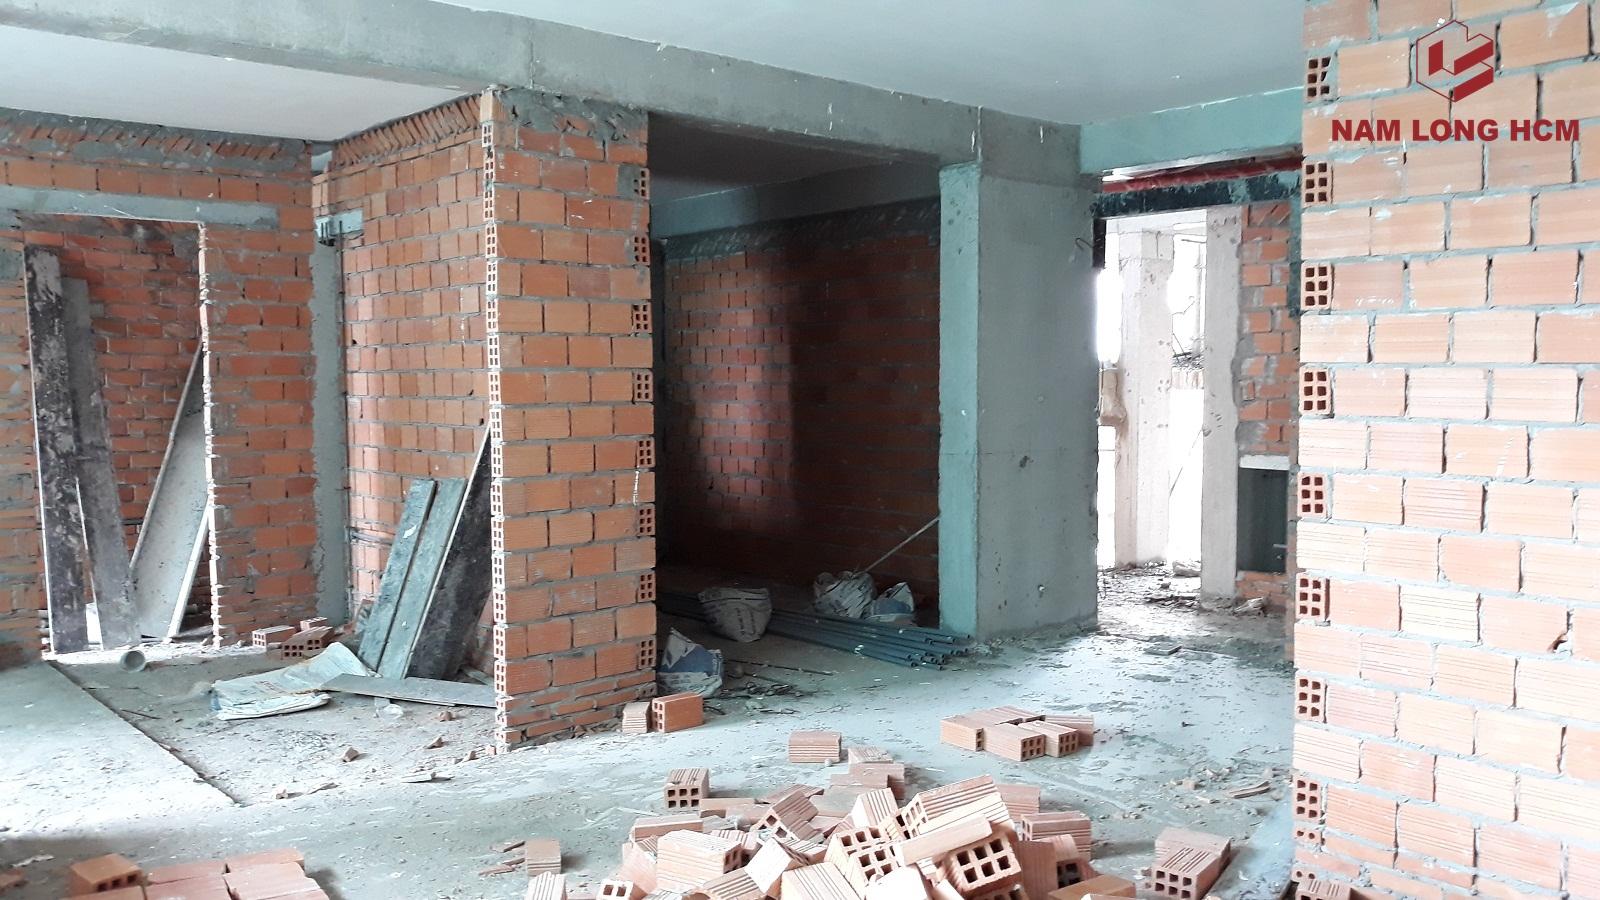 Đơn vị xây dựng Nam Phan đang xây vách ngăn giữa các căn hộ tại dự án Ehome S Bình Chánh. Ảnh: Nam Long HCM